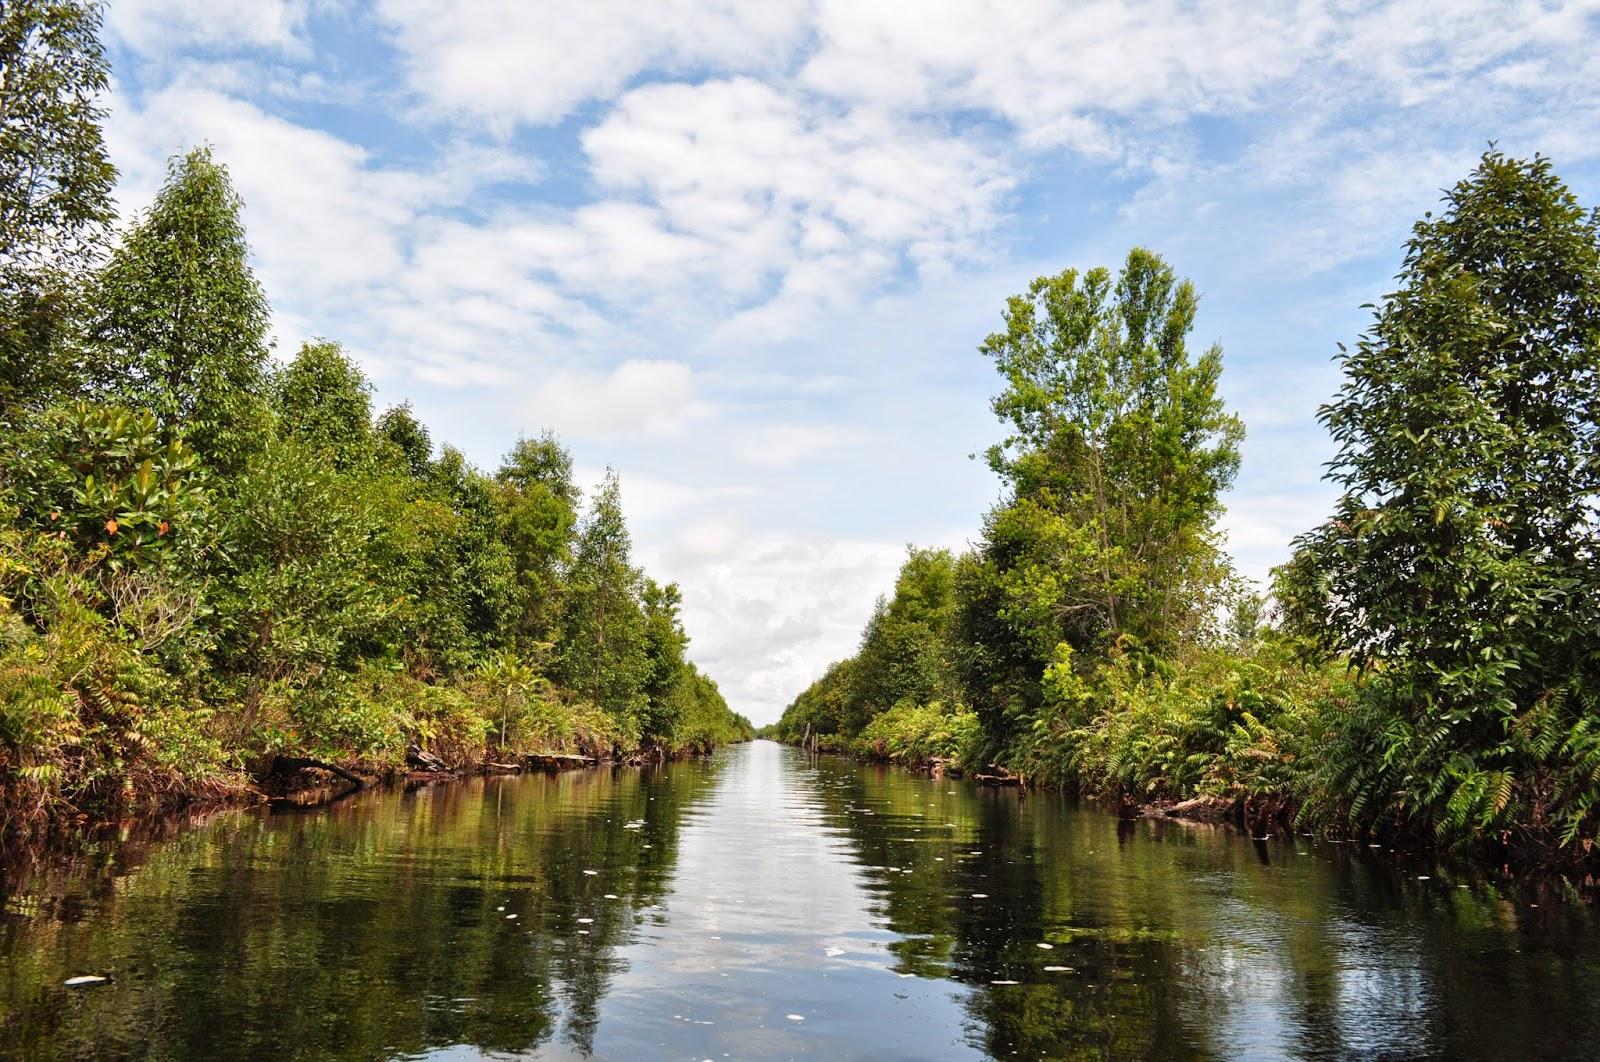 Taman Nasional Sebangau Sensasi Menelusuri Hutan Gambut Kalimantan Tengah Kota